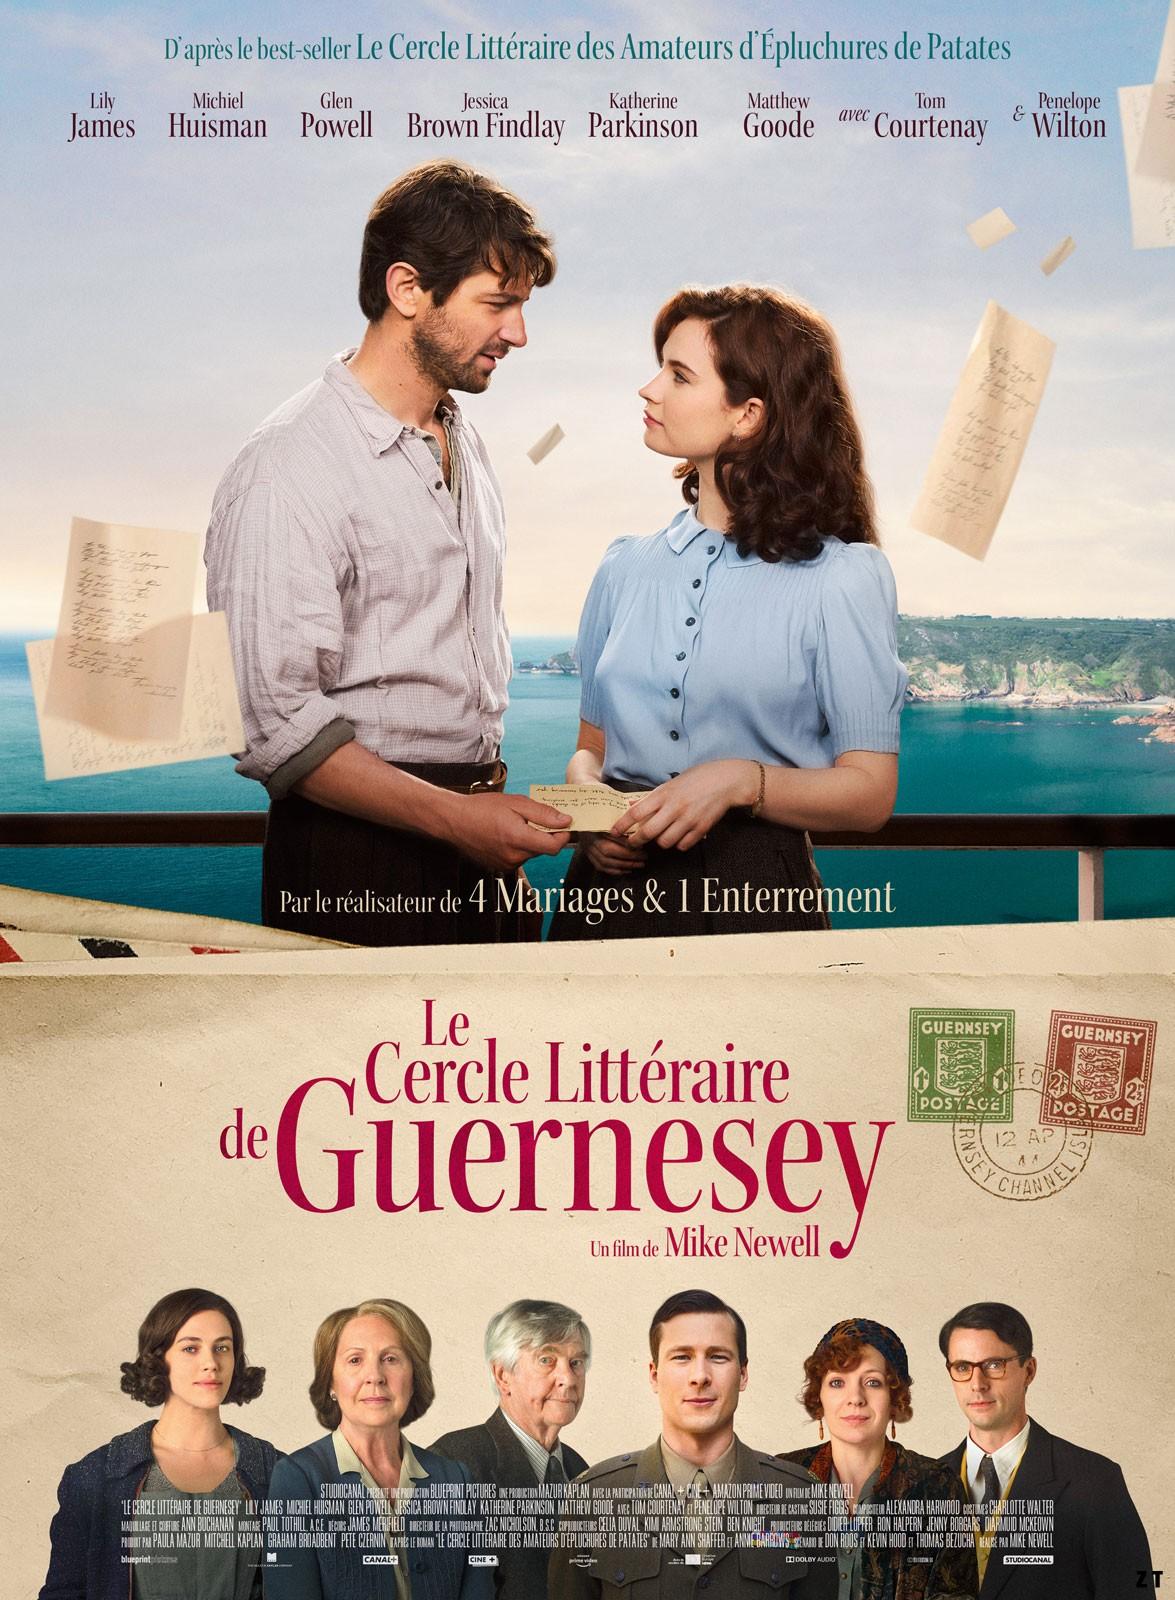 Le Cercle littéraire de Guernesey [BDRip] [Streaming] [Telecharger]